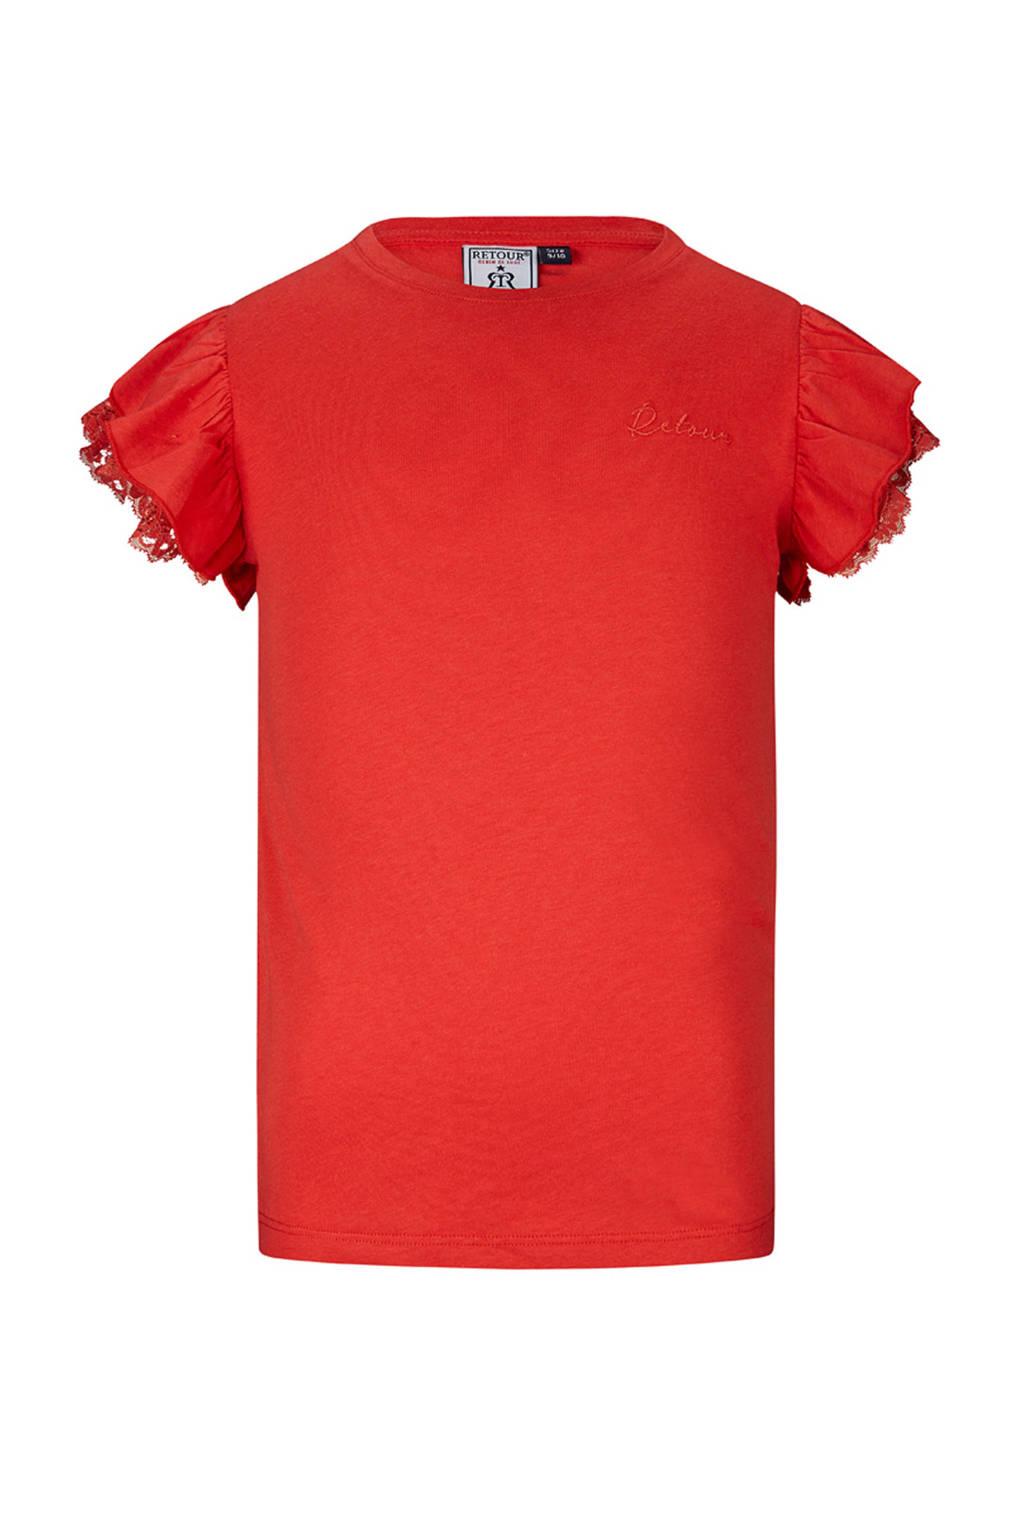 Retour Denim T-shirt Hanna met borduursels rood, Rood